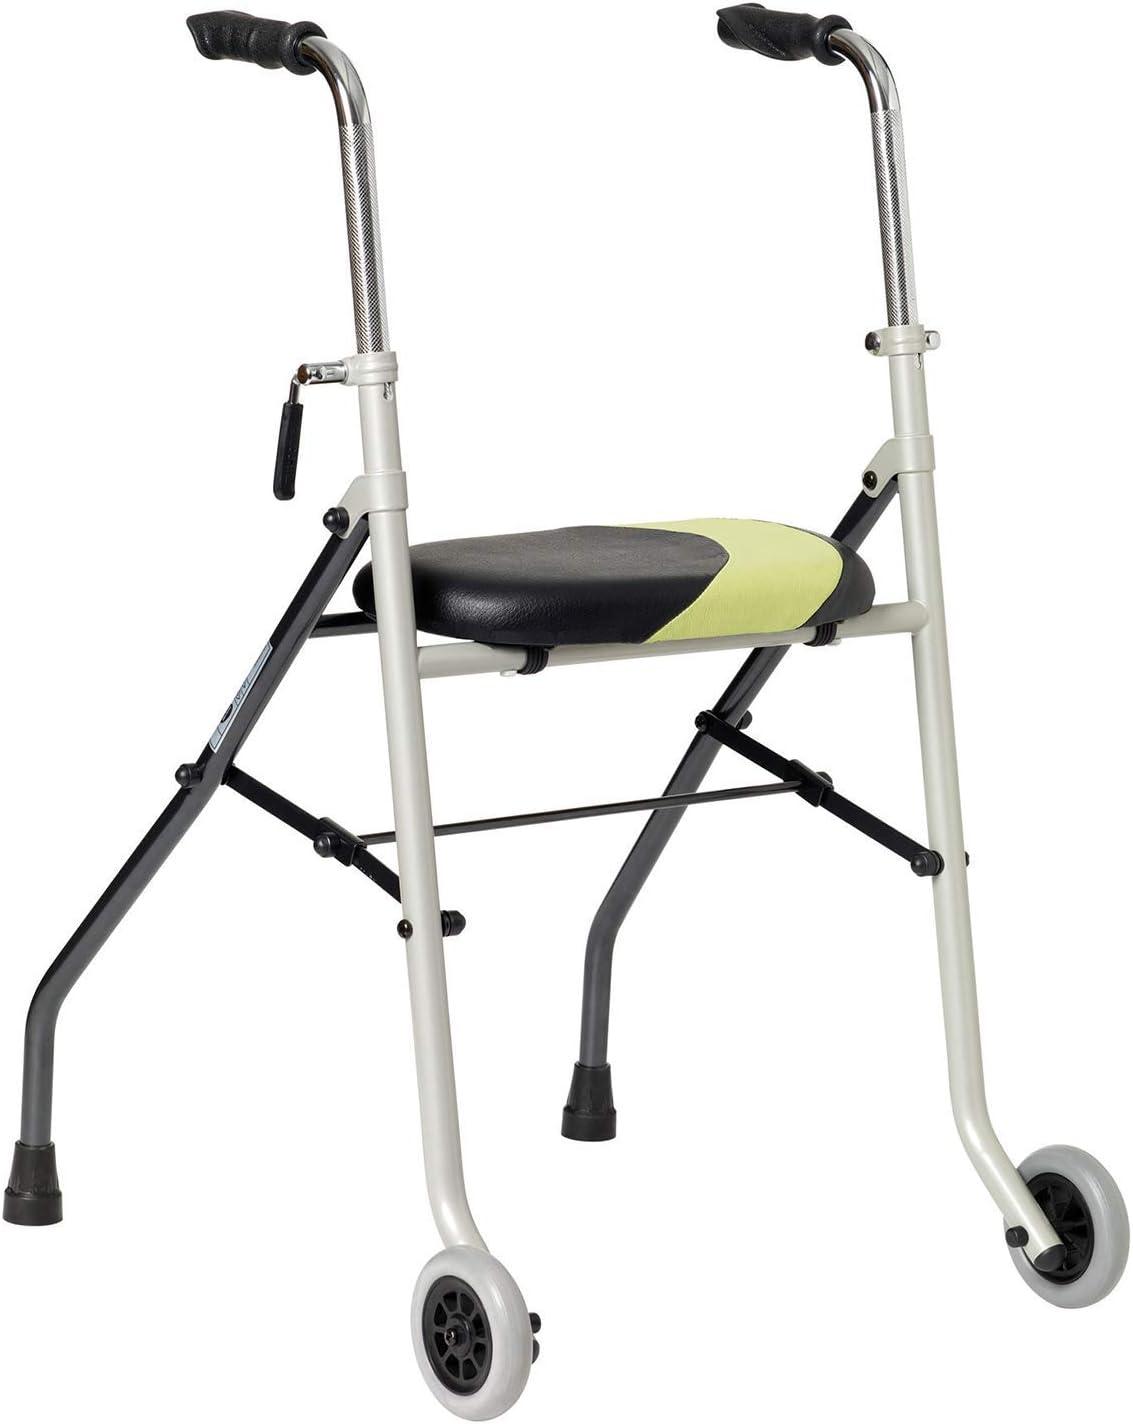 Déambulateur très léger Pieds fixes arrière et roues avant Forme anatomique, réglable en hauteur